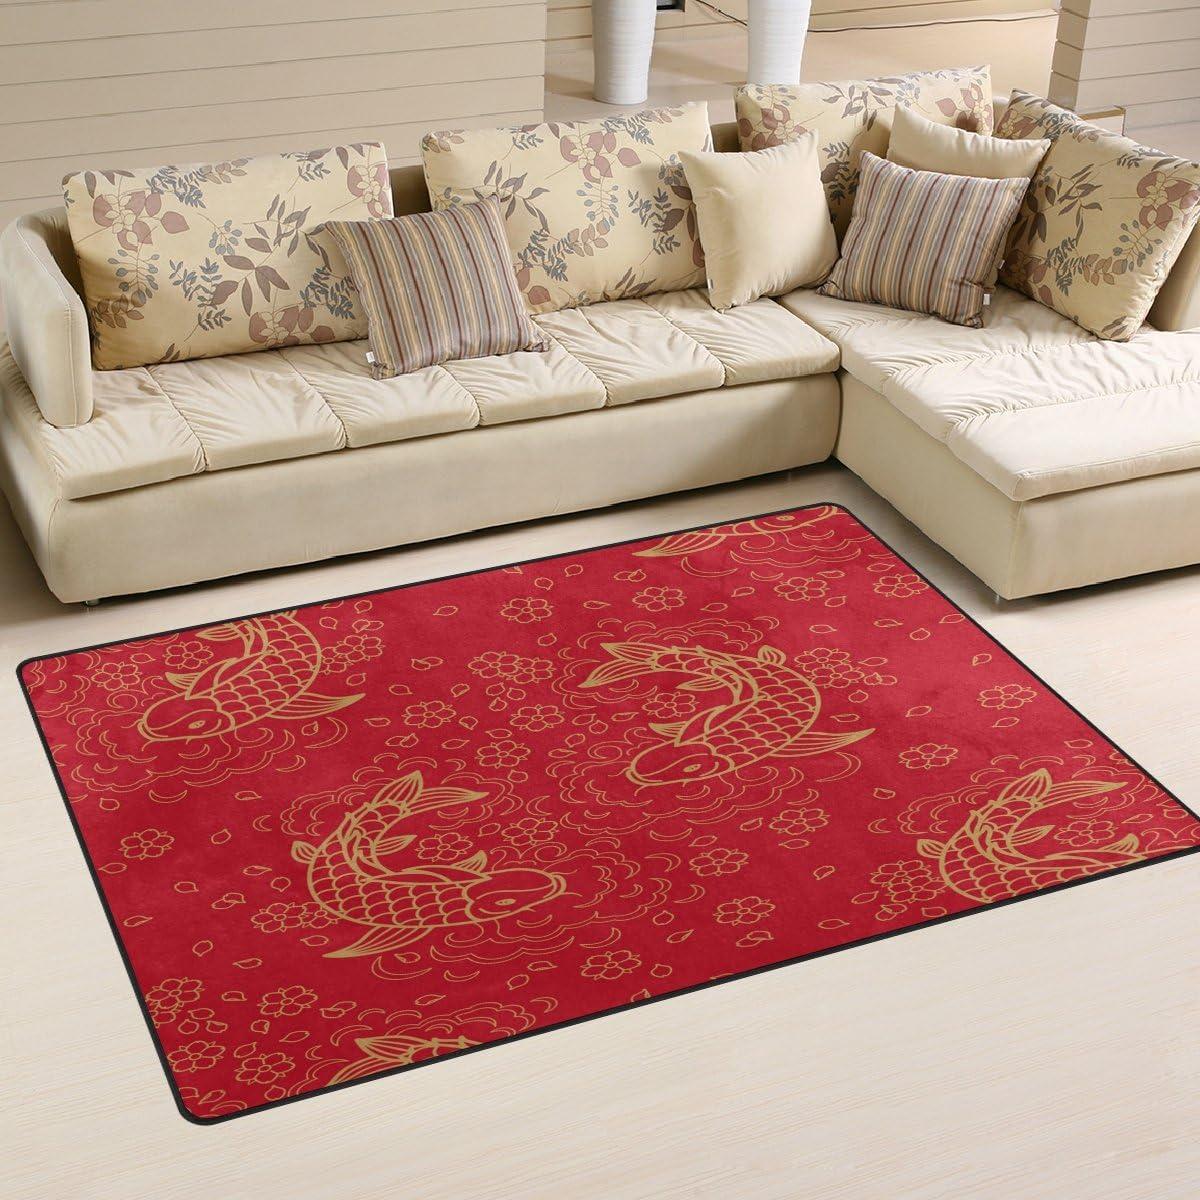 WOZO Vintage Sunflower Floral Area Rug Rugs Non-Slip Floor Mat Doormats Living Room Bedroom 60 x 39 inches